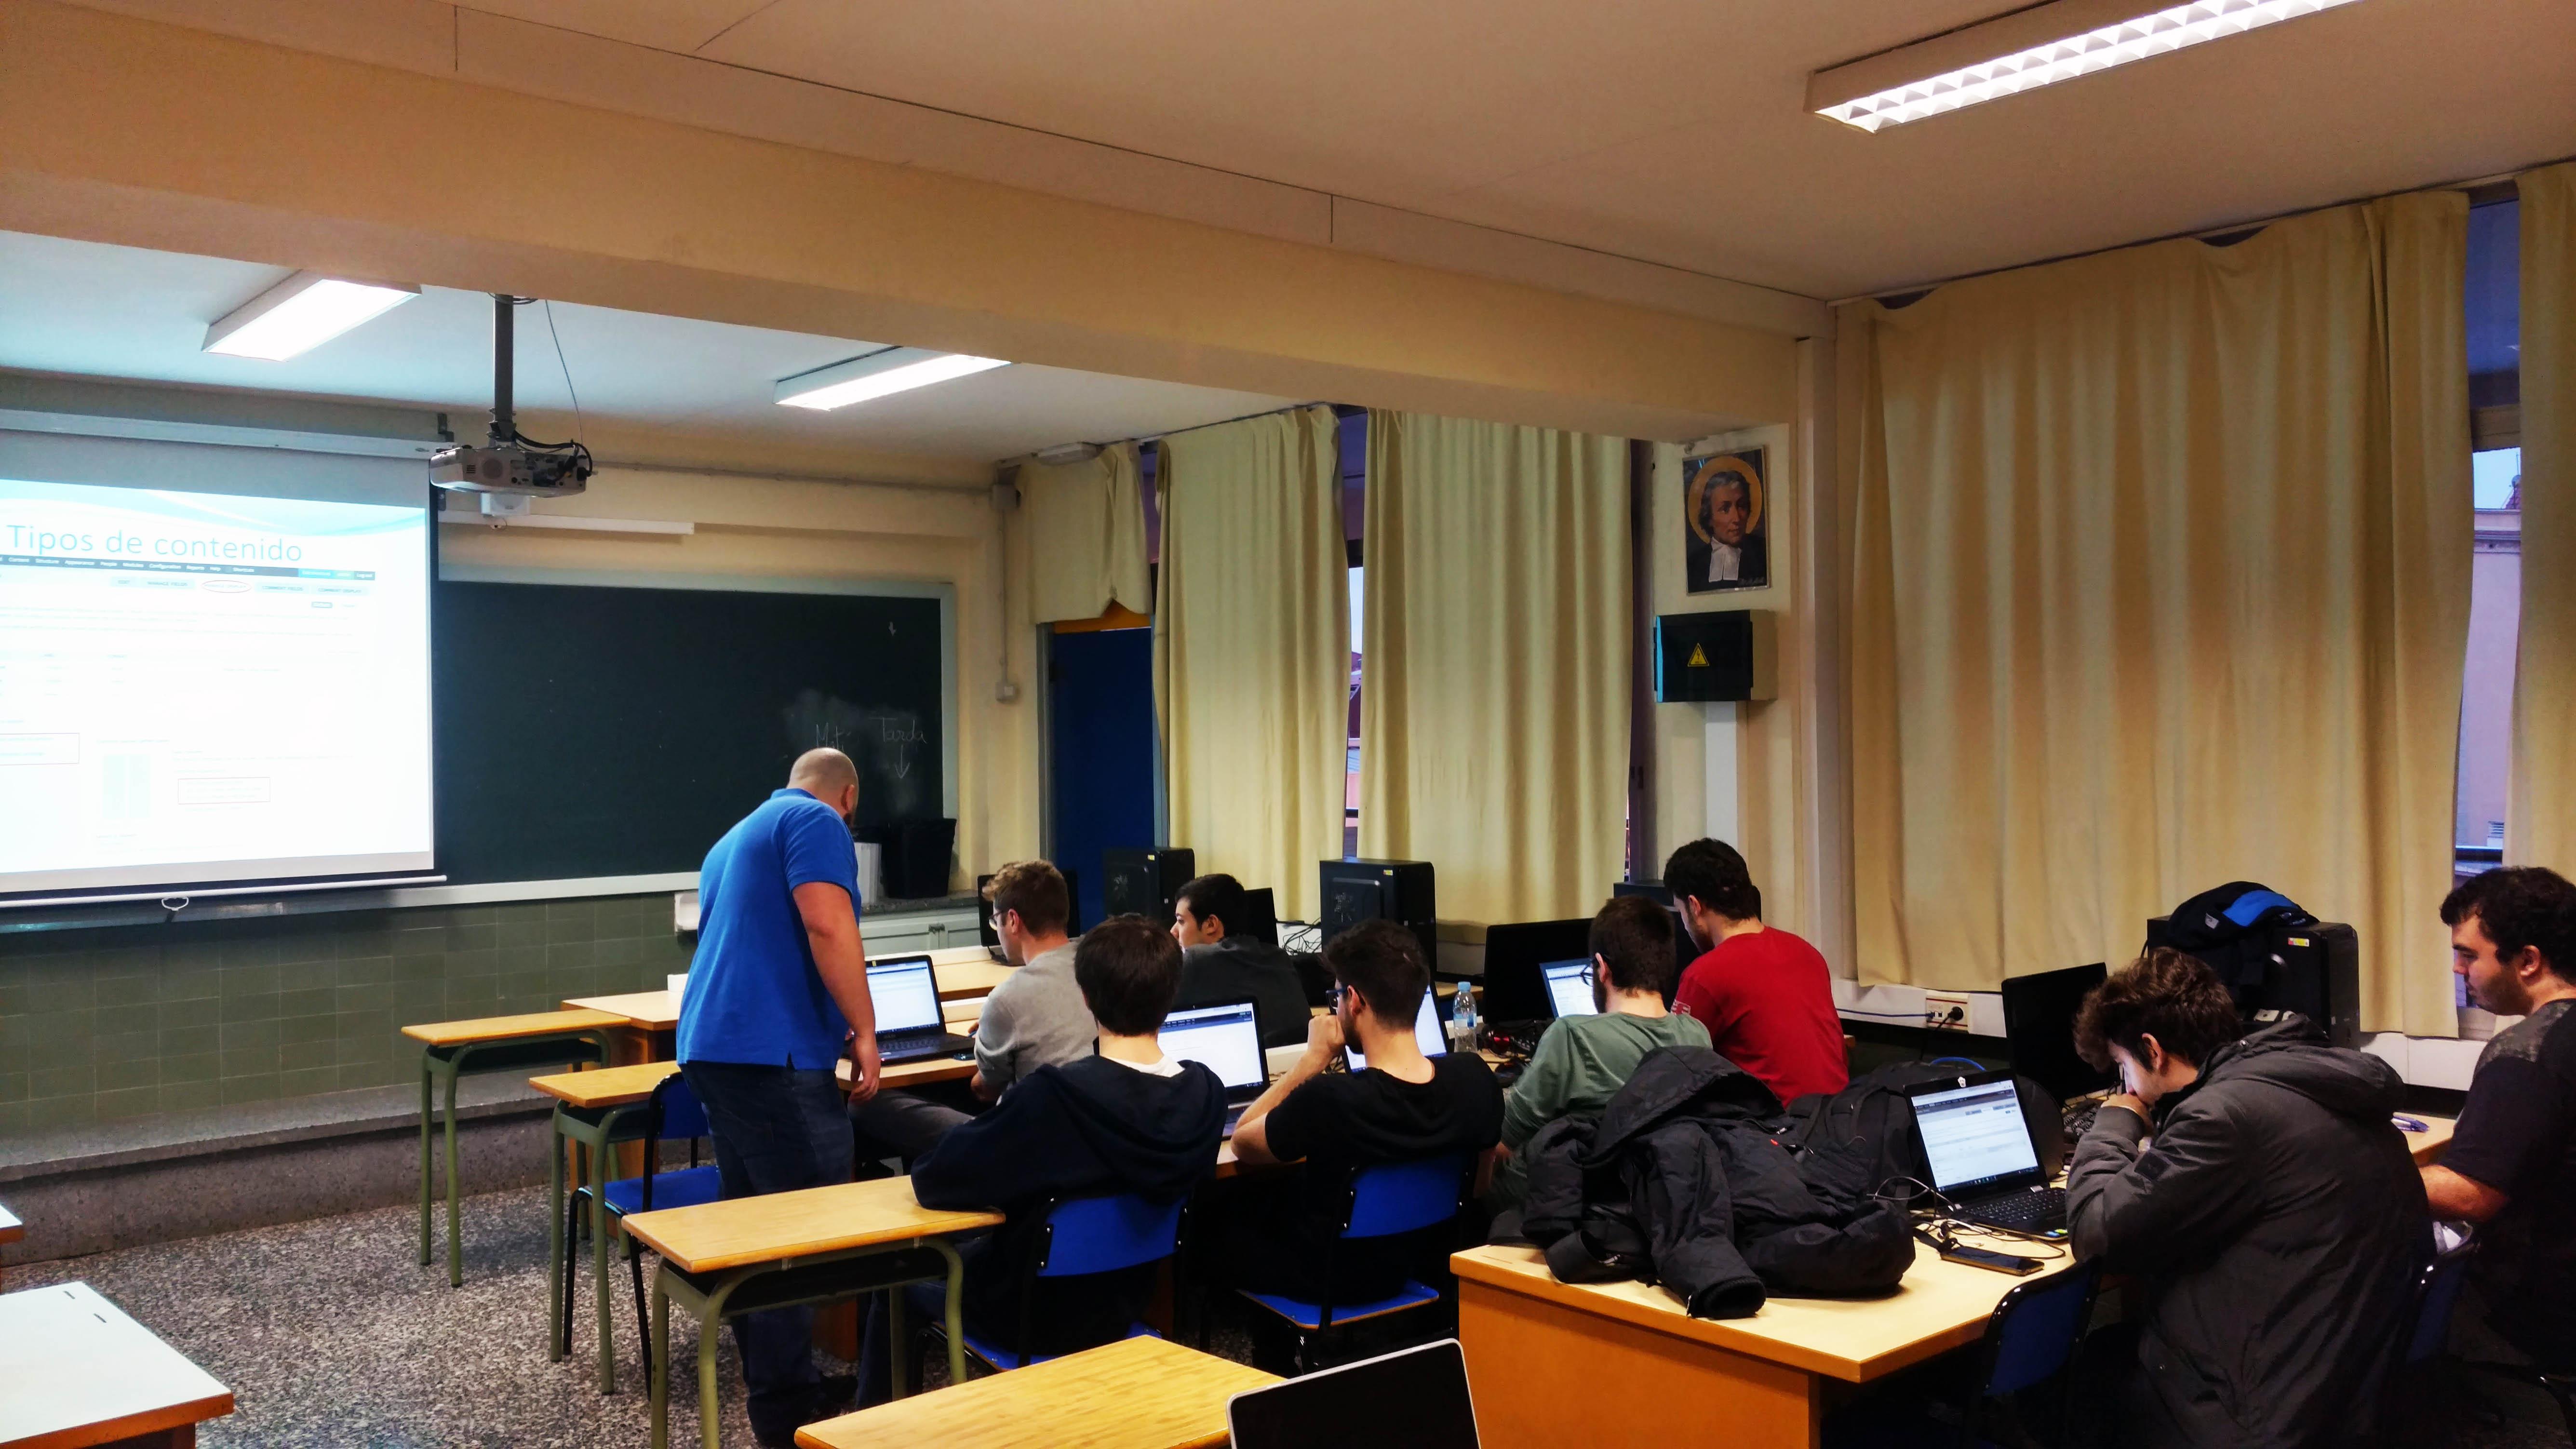 Xerrada i workshop sobre Drupal amb un dels experts de la comunitat Drupaleros